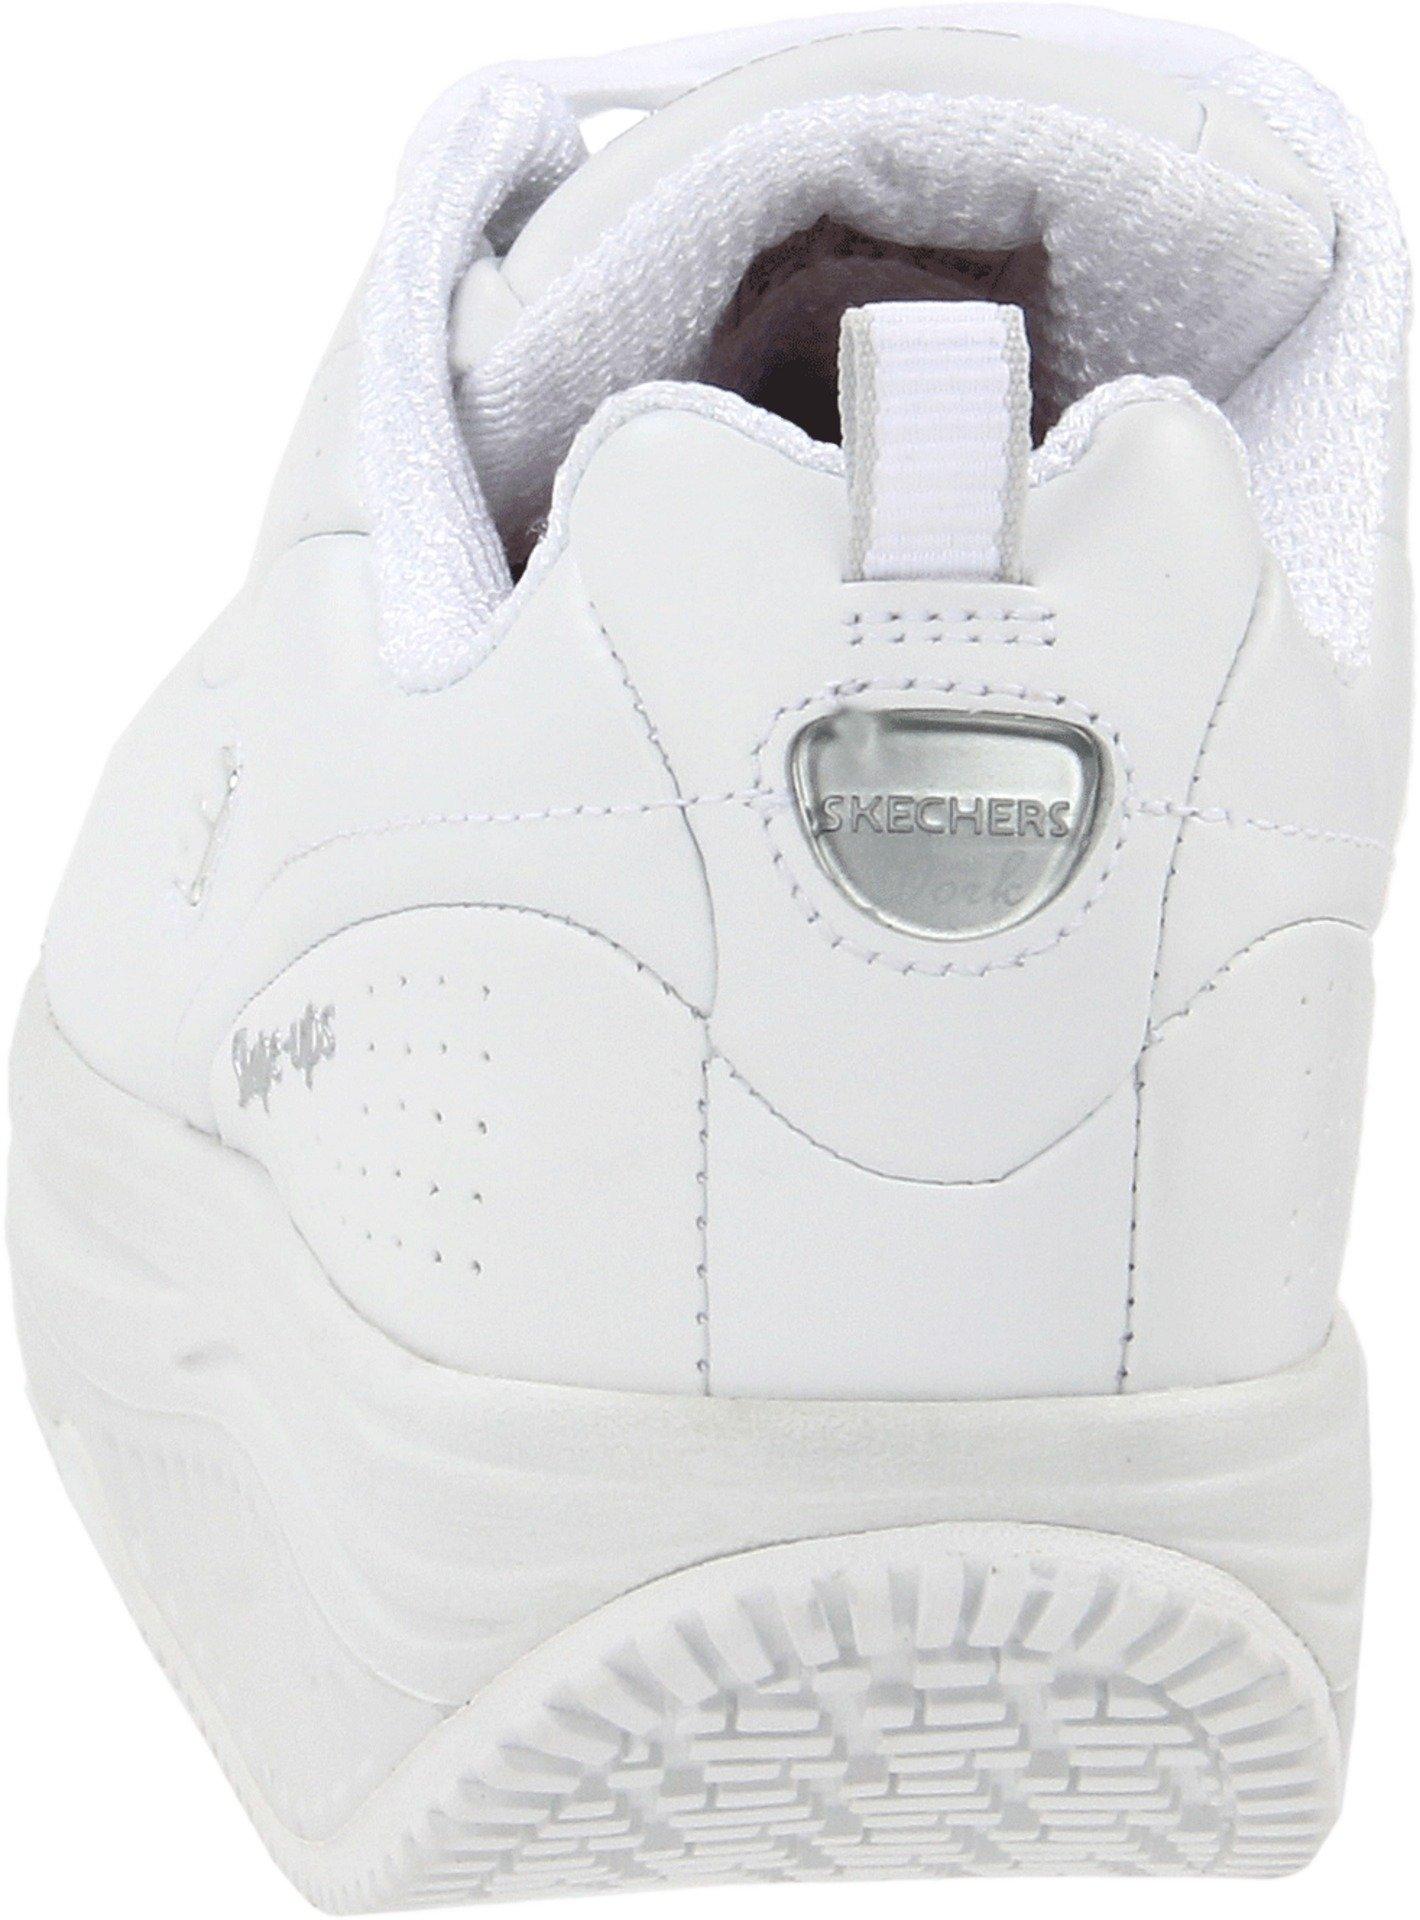 Skechers for Work Women's Shape Ups Slip Resistant Sneaker,White,10 M US by Skechers (Image #2)